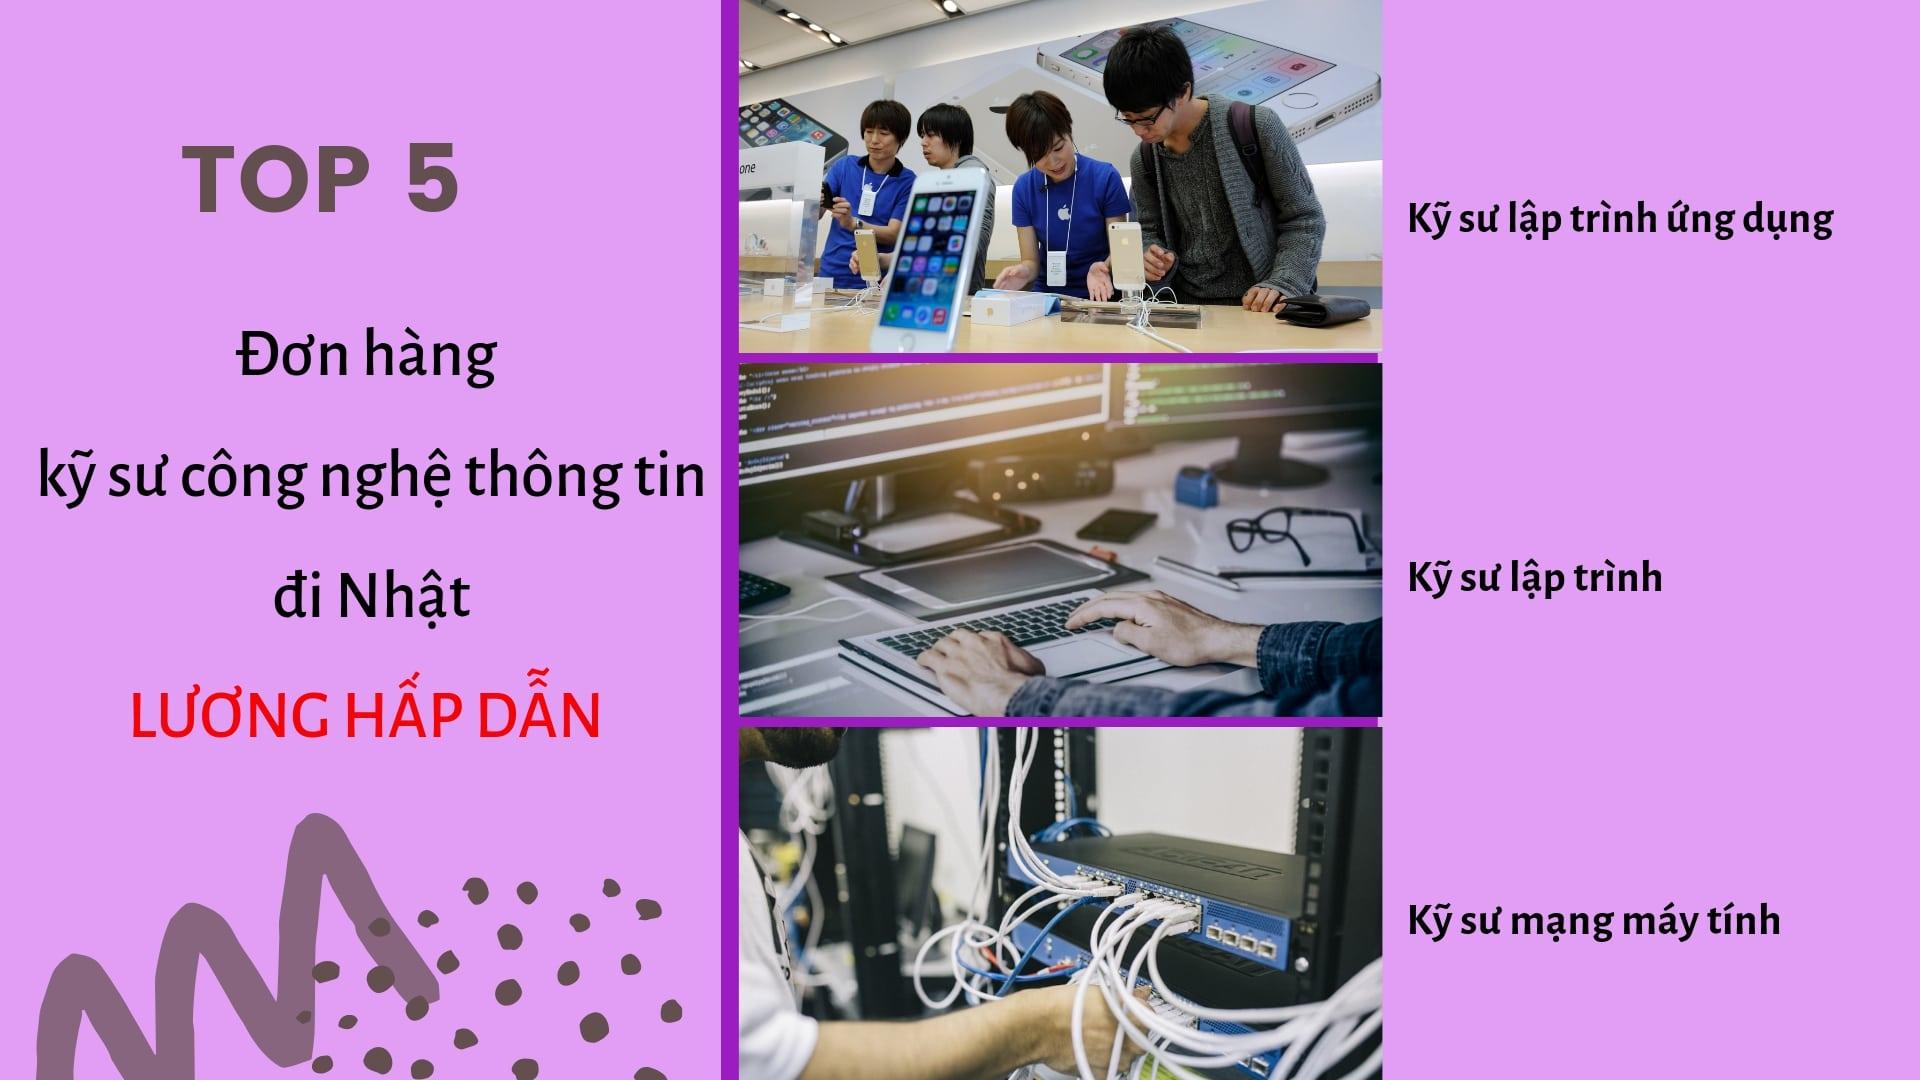 TOP 5 đơn hàng kỹ sư công nghệ thông tin đi Nhật